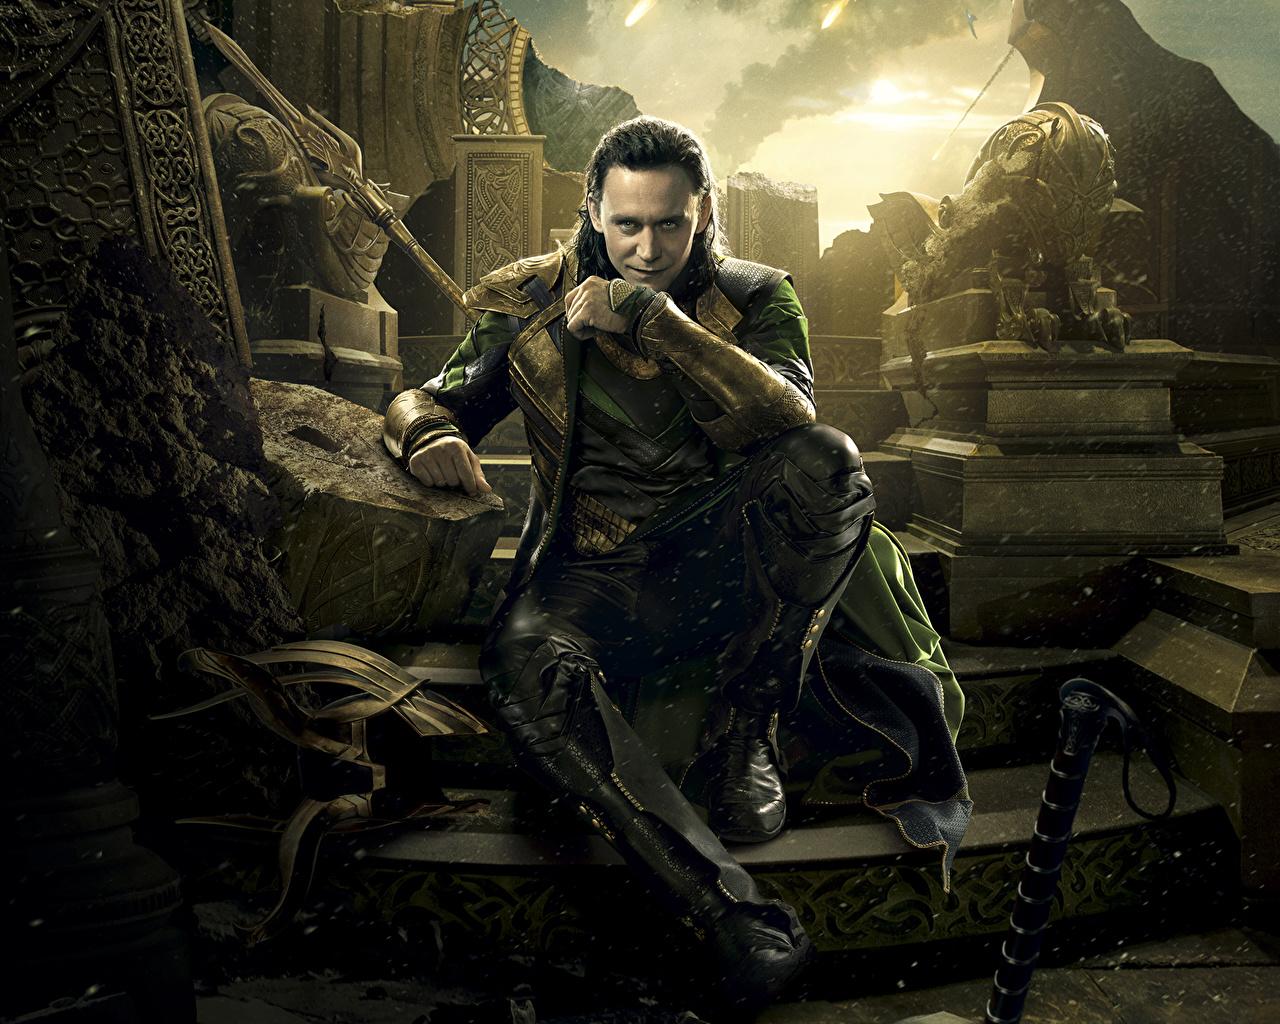 Фотография Тор 2: Царство тьмы Tom Hiddleston мужчина Фильмы Знаменитости Том Хиддлстон Мужчины кино